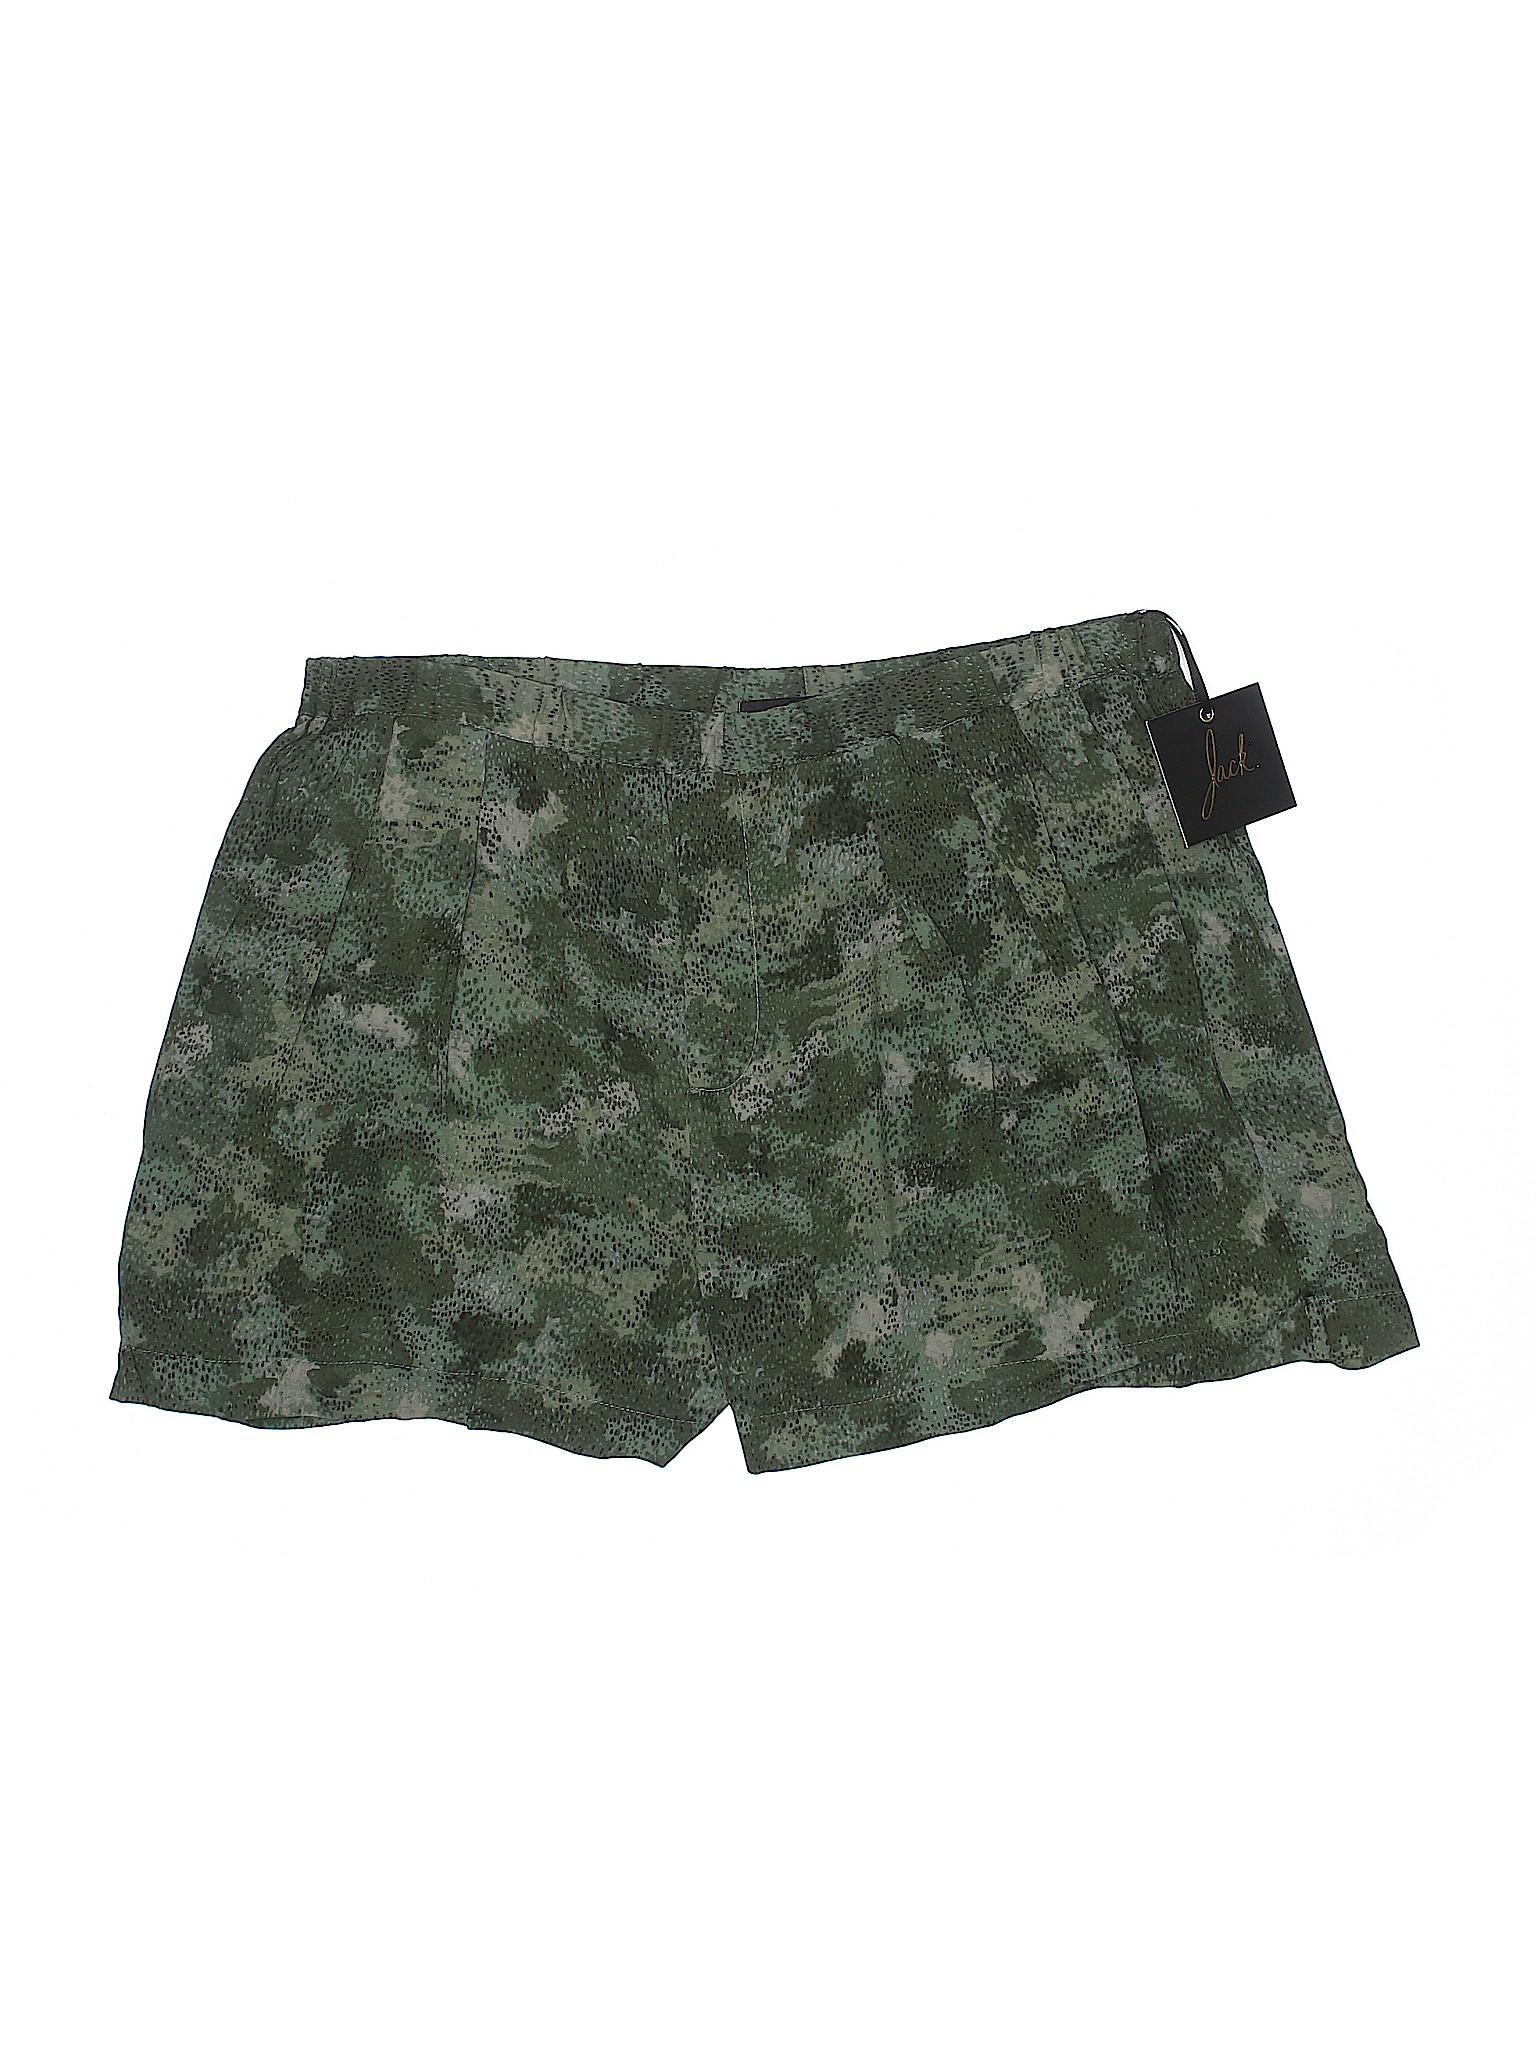 Boutique Shorts Jack Jack Boutique U4TqOO